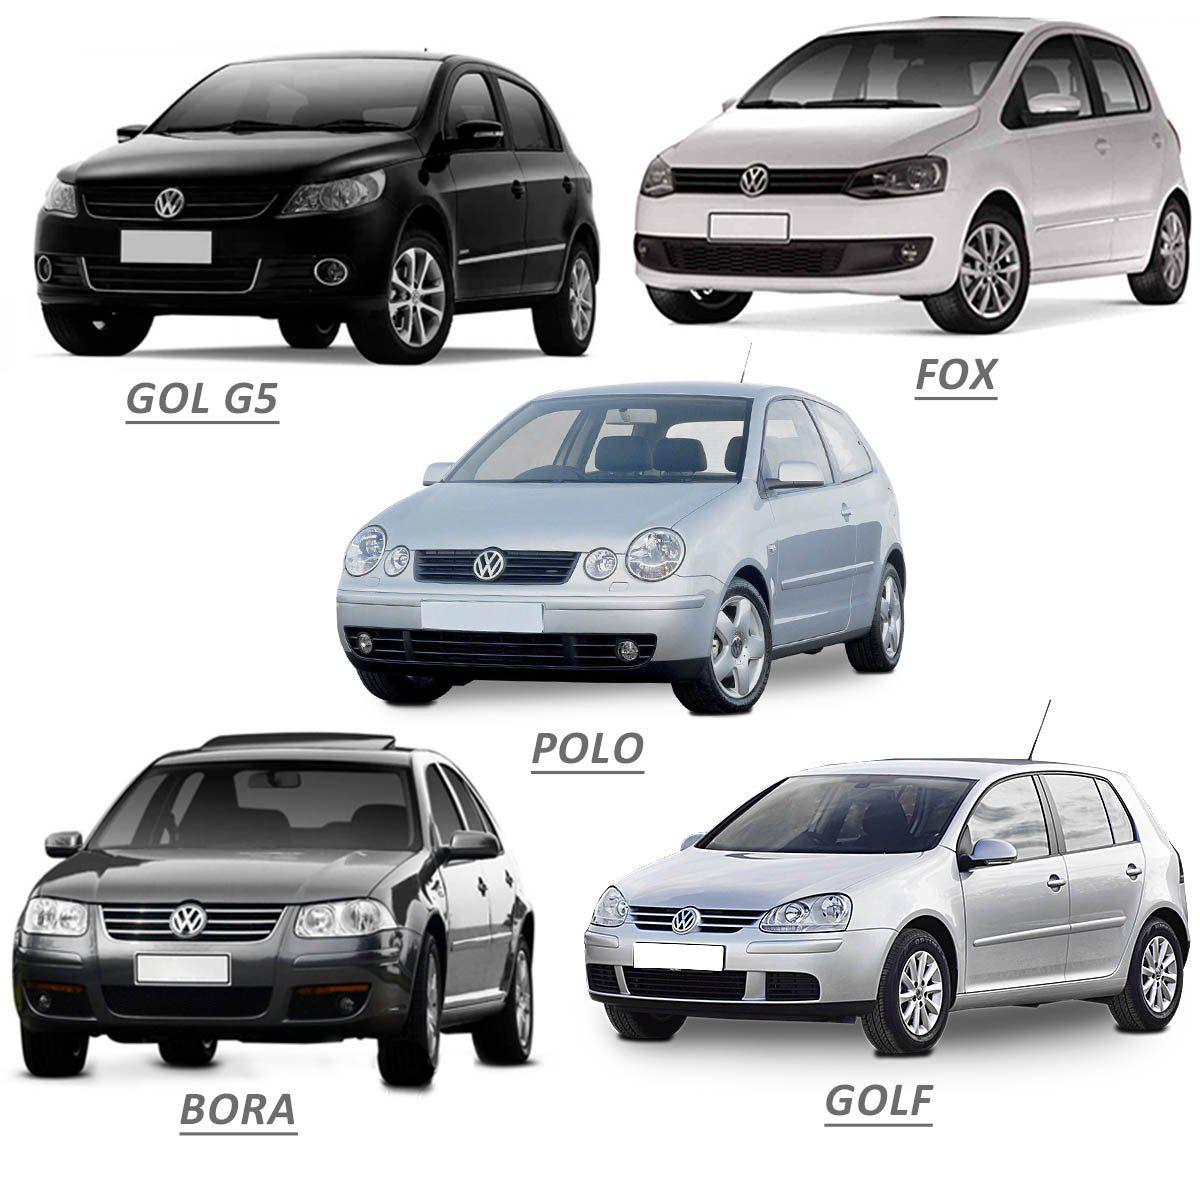 Capa de Maçaneta Gol G5 Fox Polo Golf Bora 1999 a 2019 Cromada